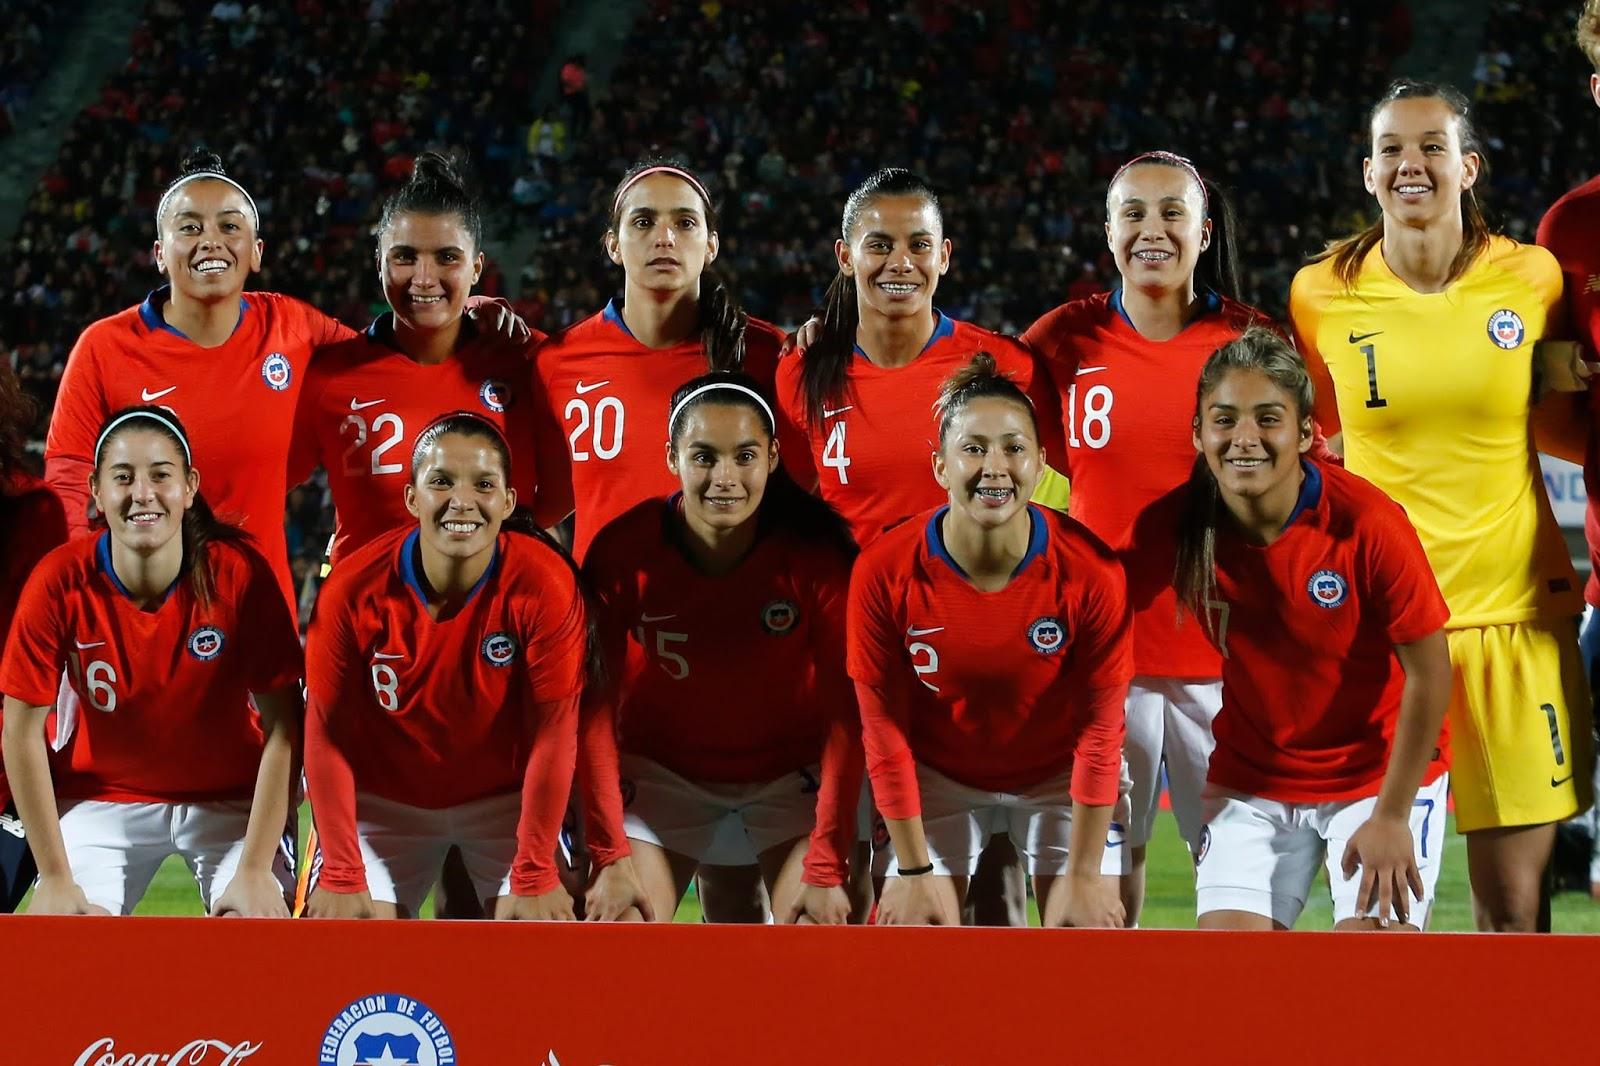 Formación de selección femenina de Chile ante Colombia, amistoso disputado el 20 de mayo de 2019